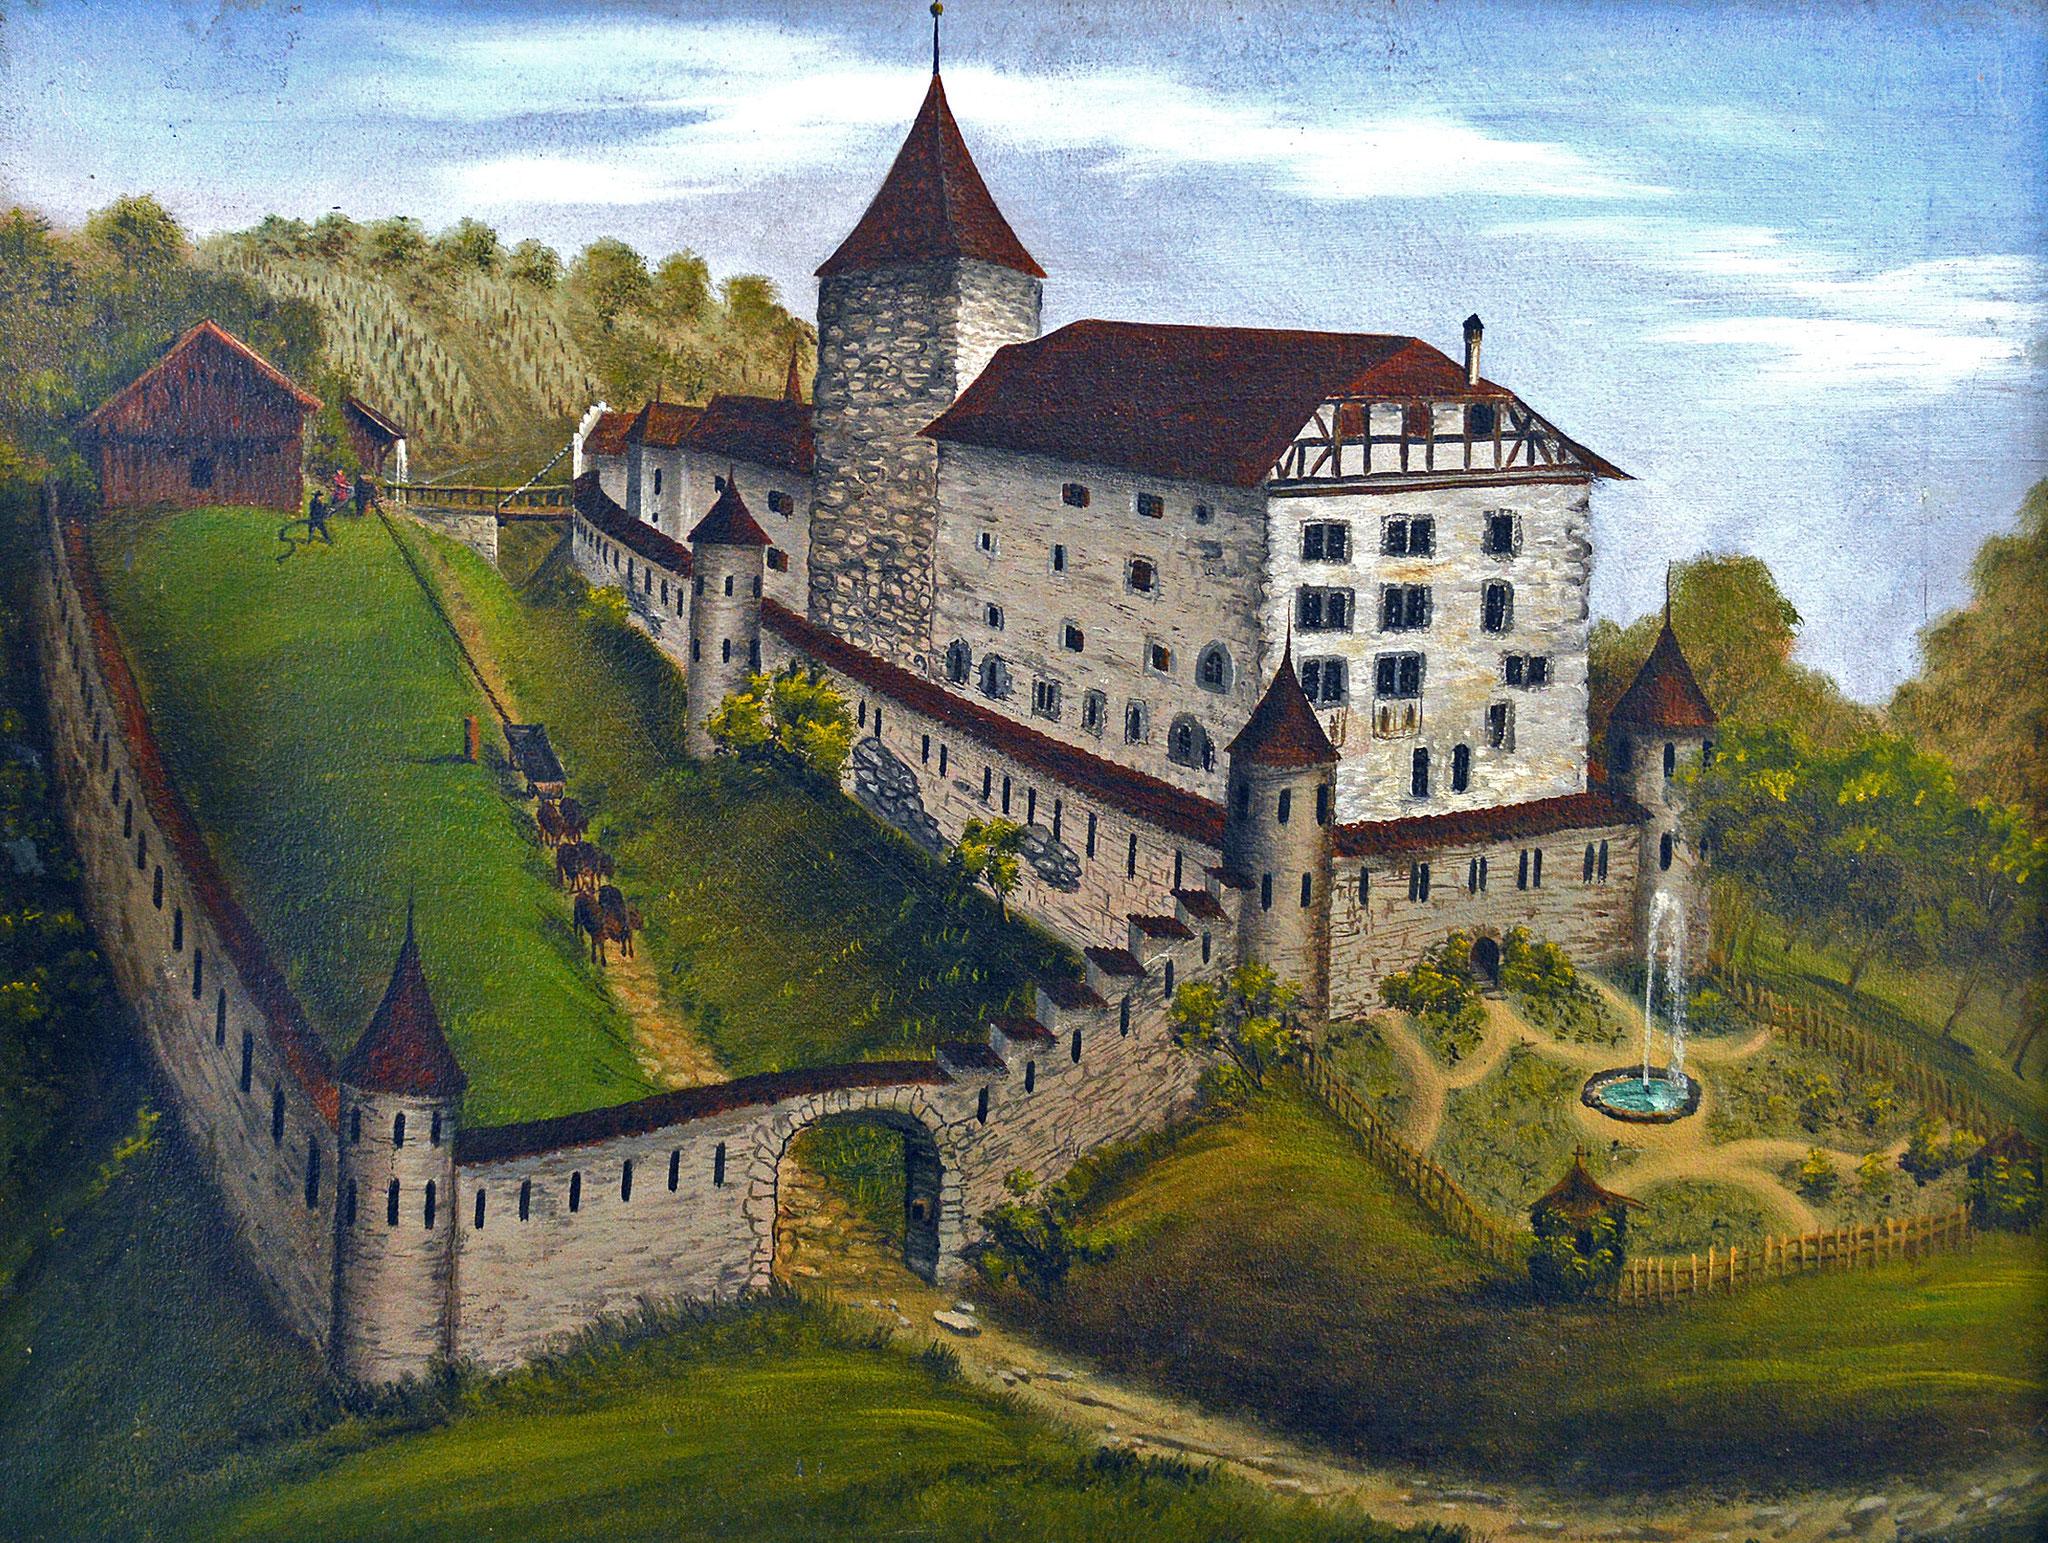 Ansicht vor 1850; gemalt ca. 1886 von R. Furter